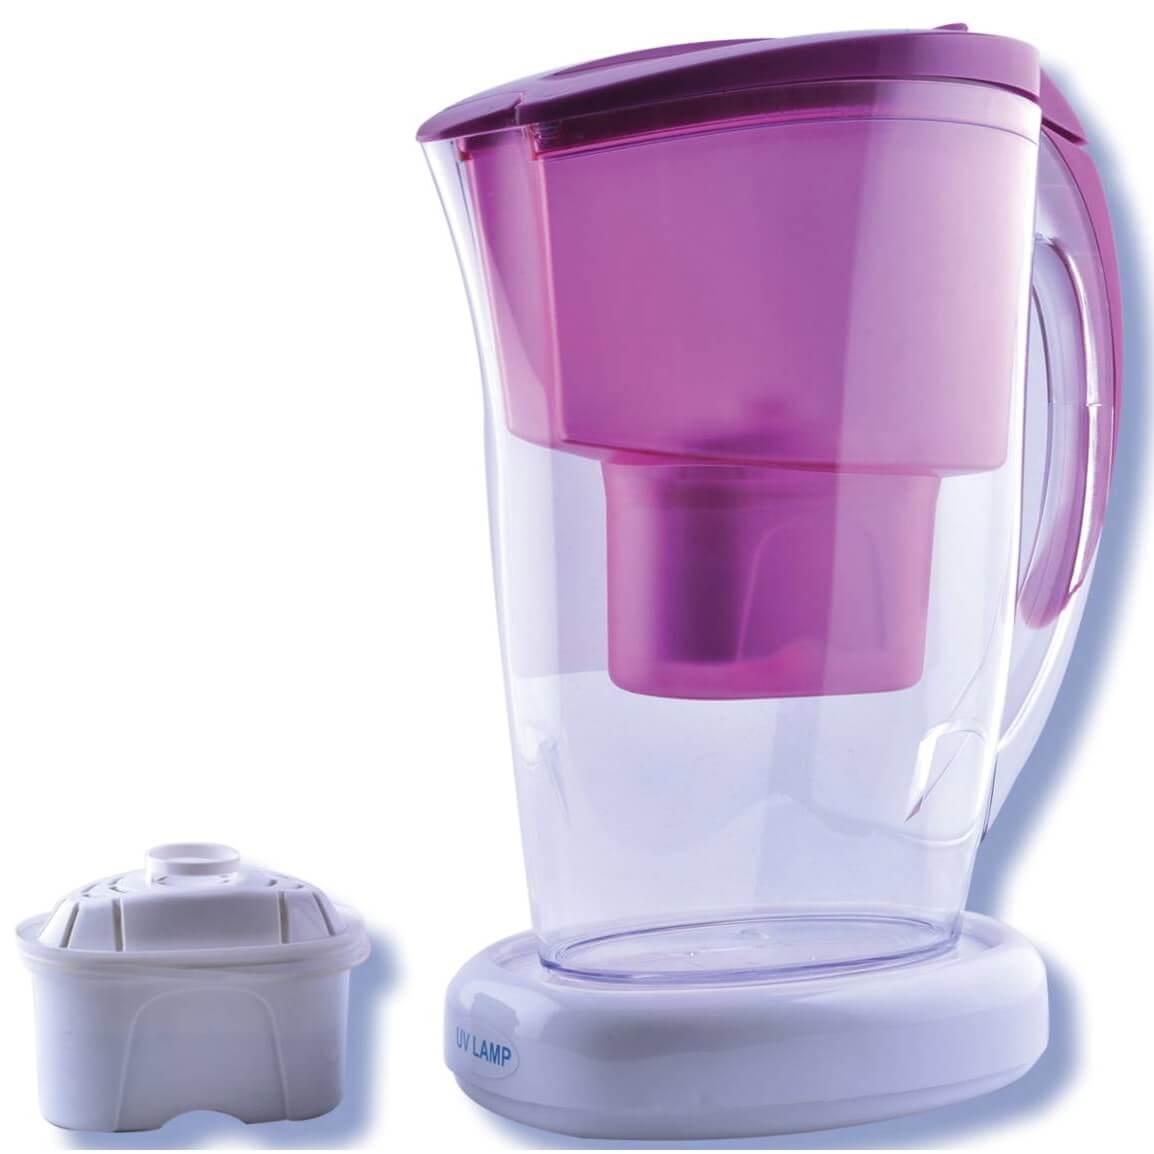 Ninfa CA-F02 Filter Κανάτα Φίλτρο Νερού, Παρέχει Καθαρό Υψηλής Ποιότητας Νερό φαρμακείο   φυσικά προϊόντα   φίλτρα νερού